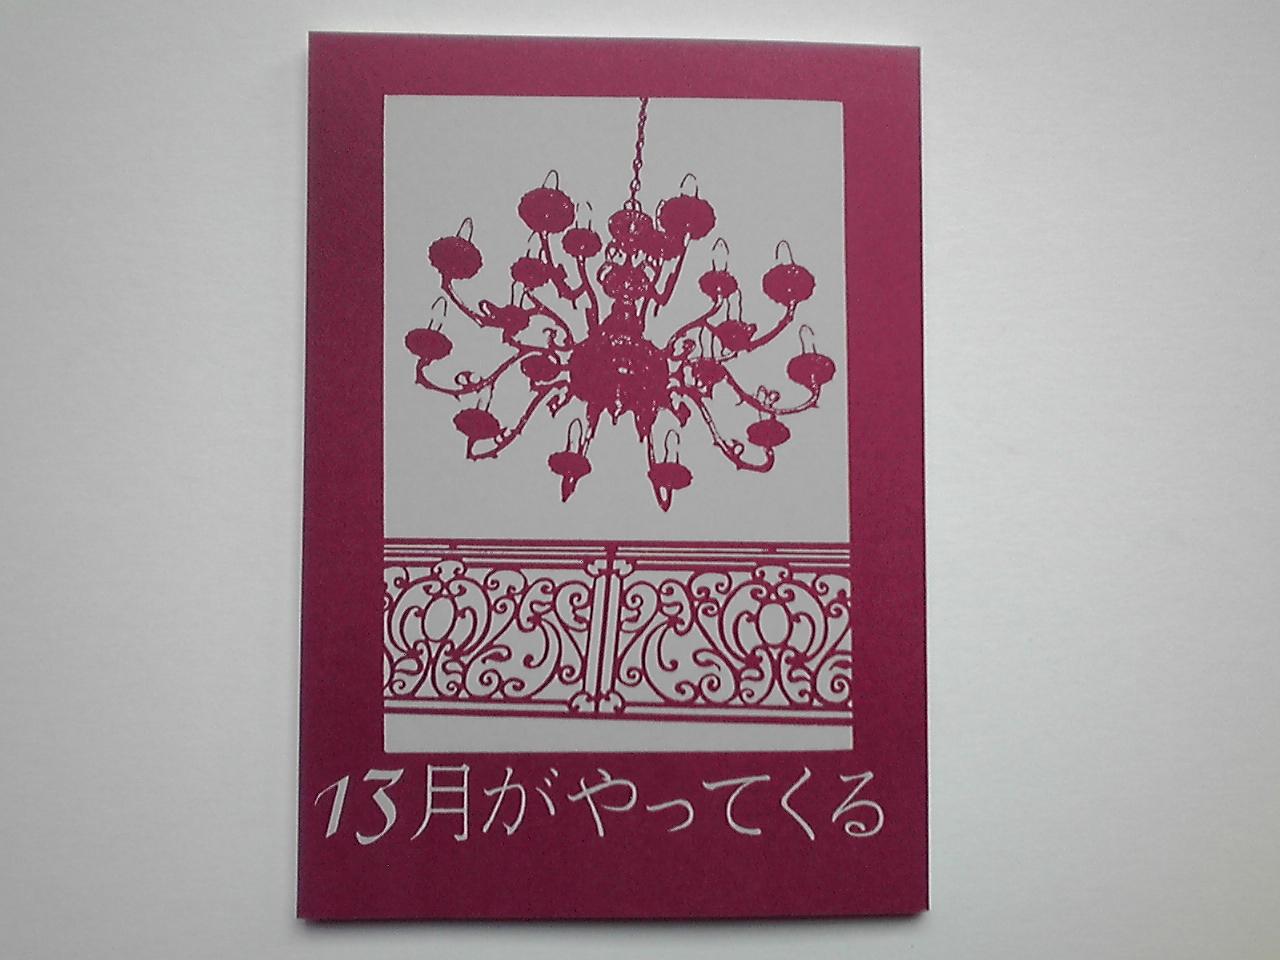 【小説】新作「十三月がやってくる」12月上旬発売